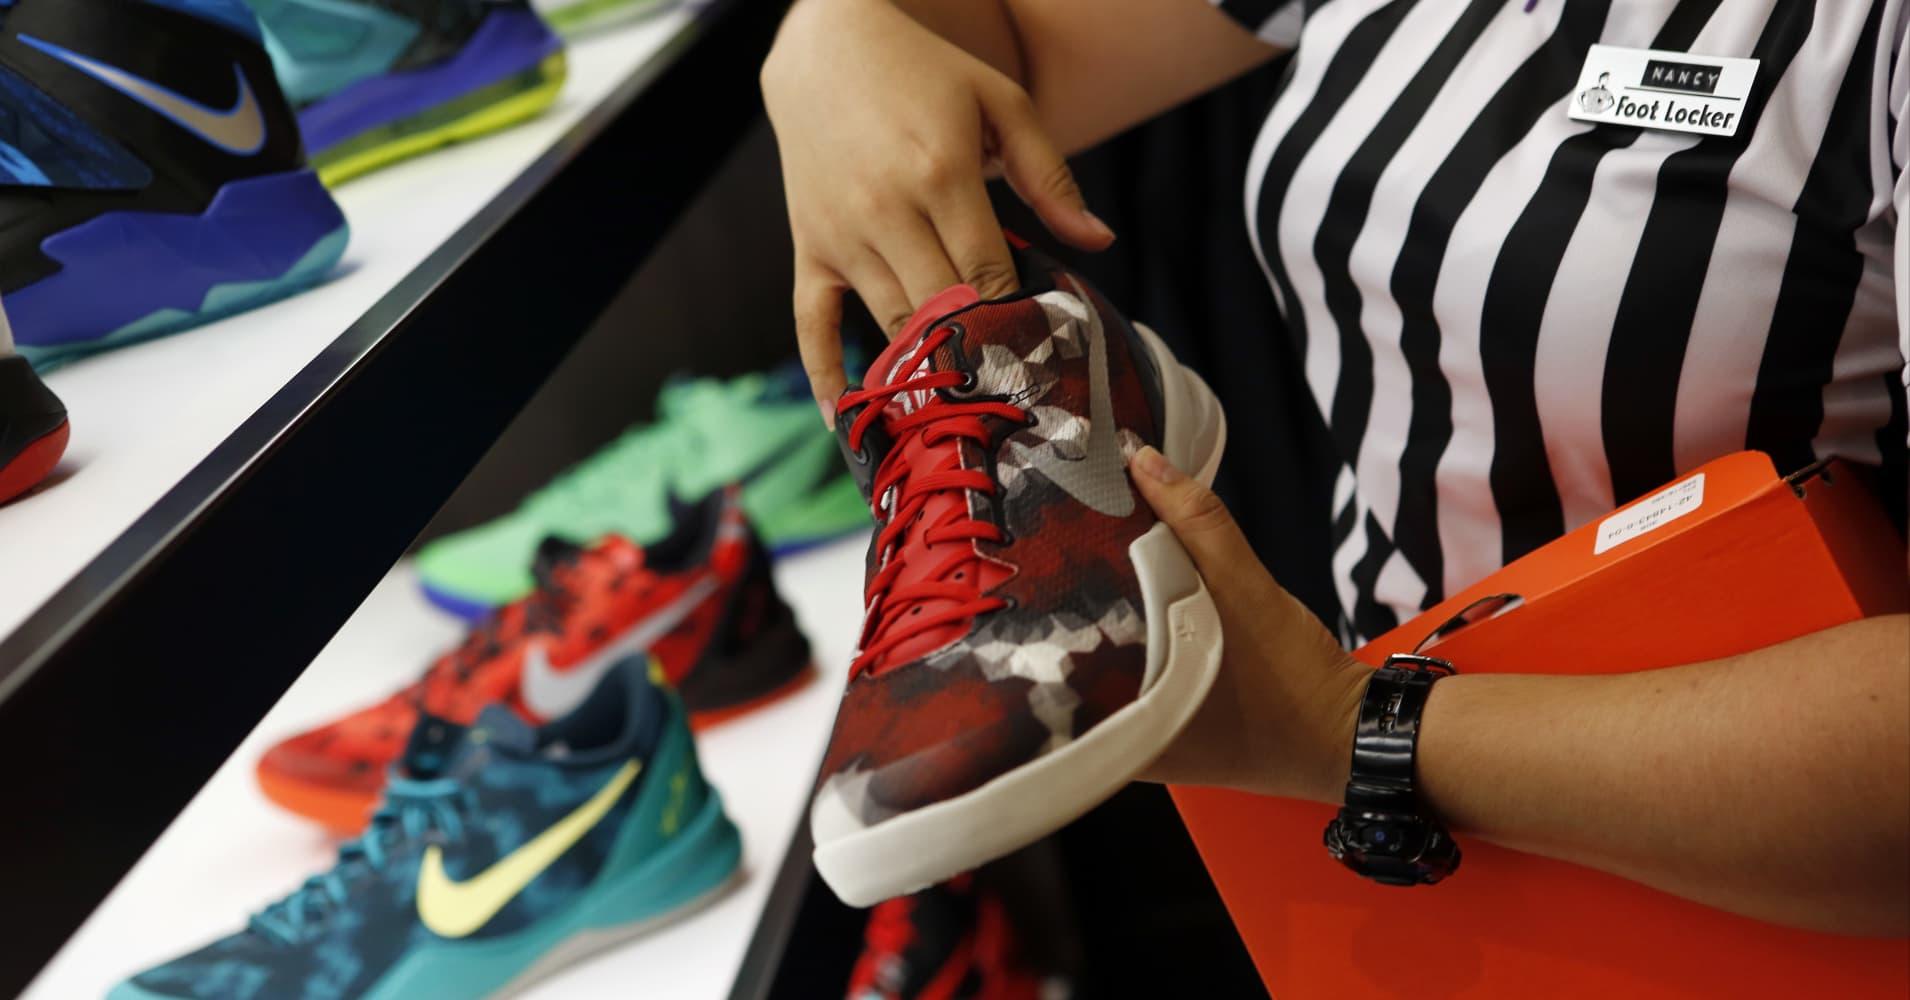 Foot Locker blames poor earnings on late tax-refund checks